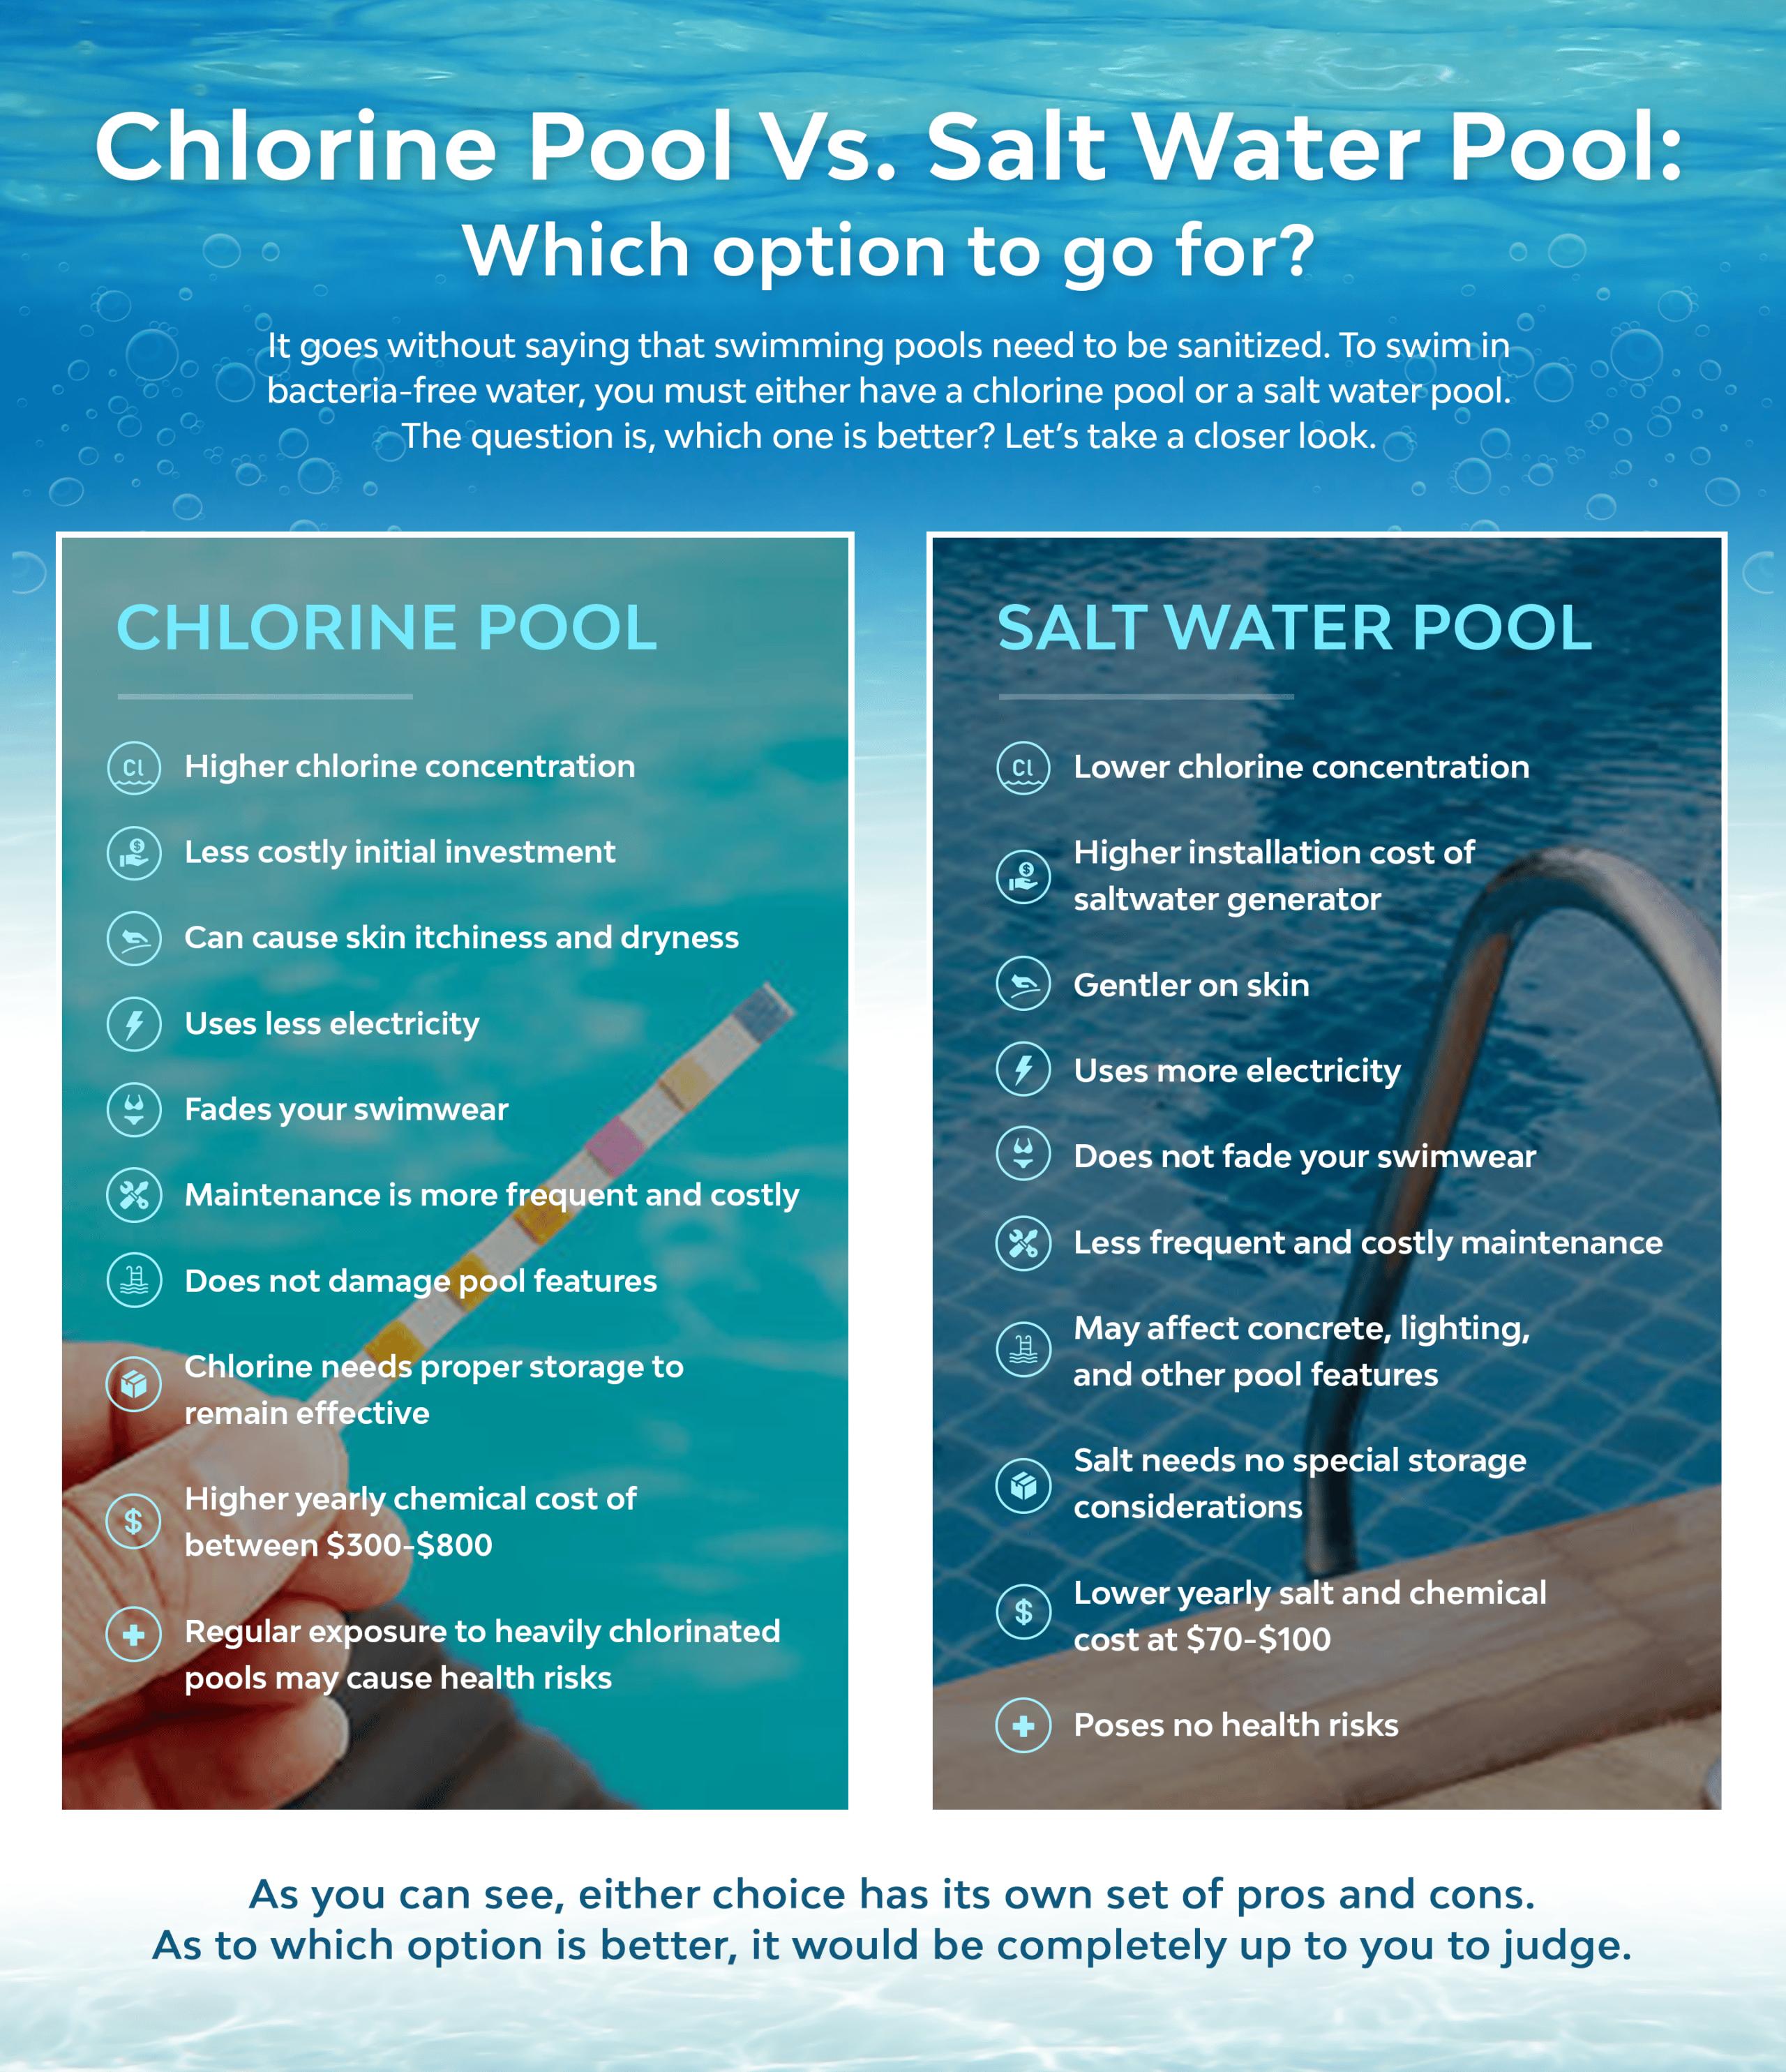 Choosing A Chlorine Pool Or Salt Water Pool Katchakid